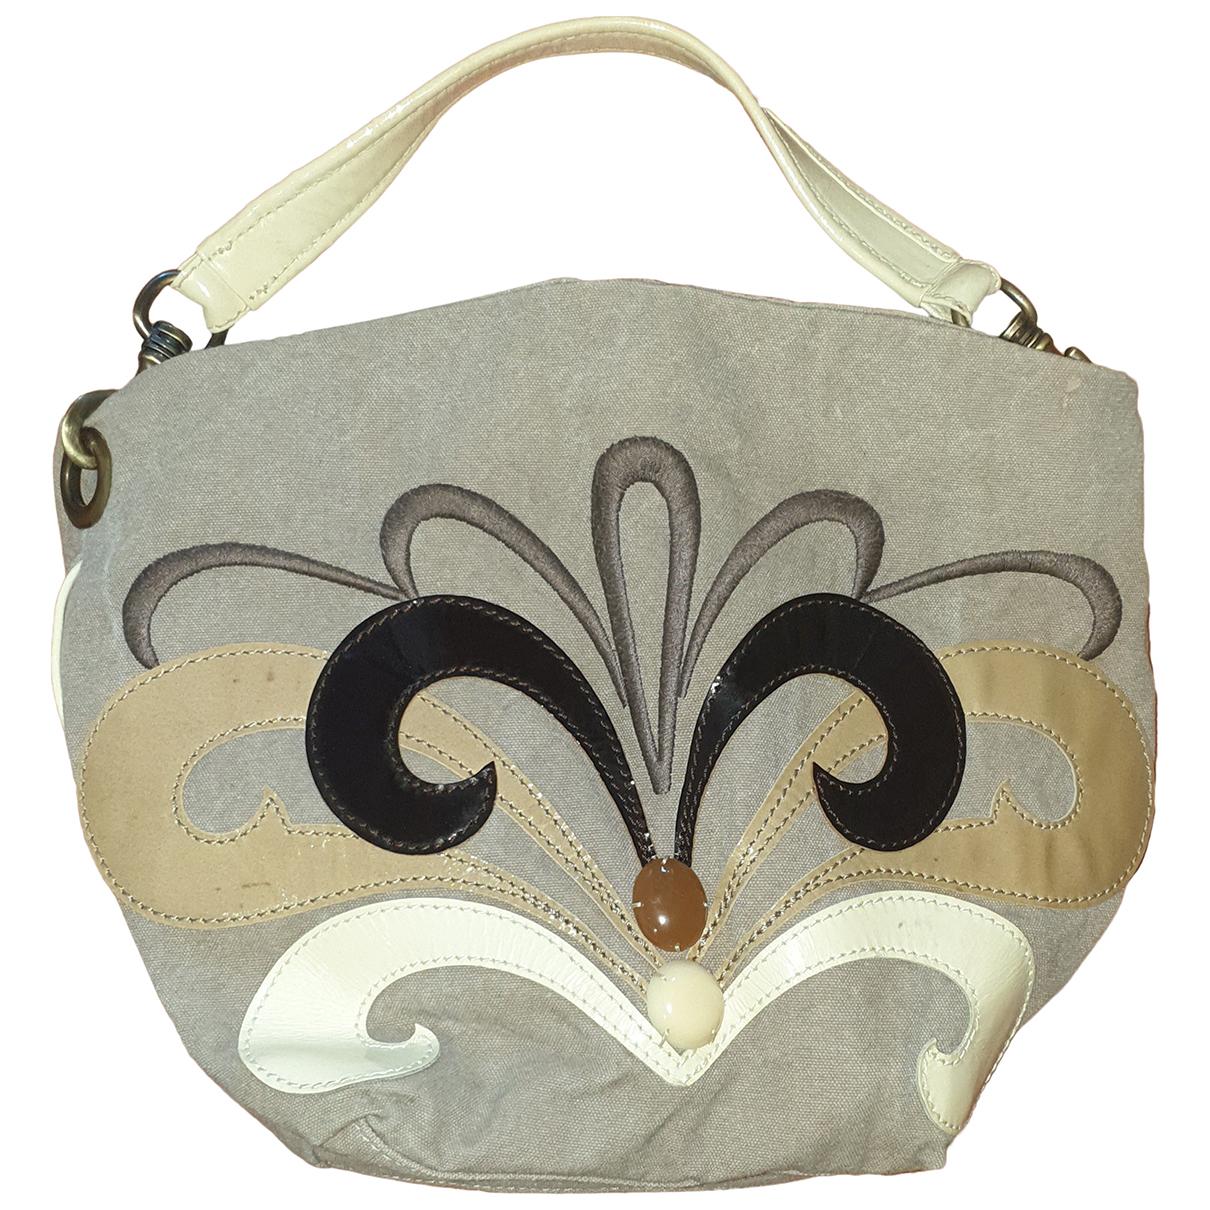 Maliparmi \N Handtasche in  Beige Leinen